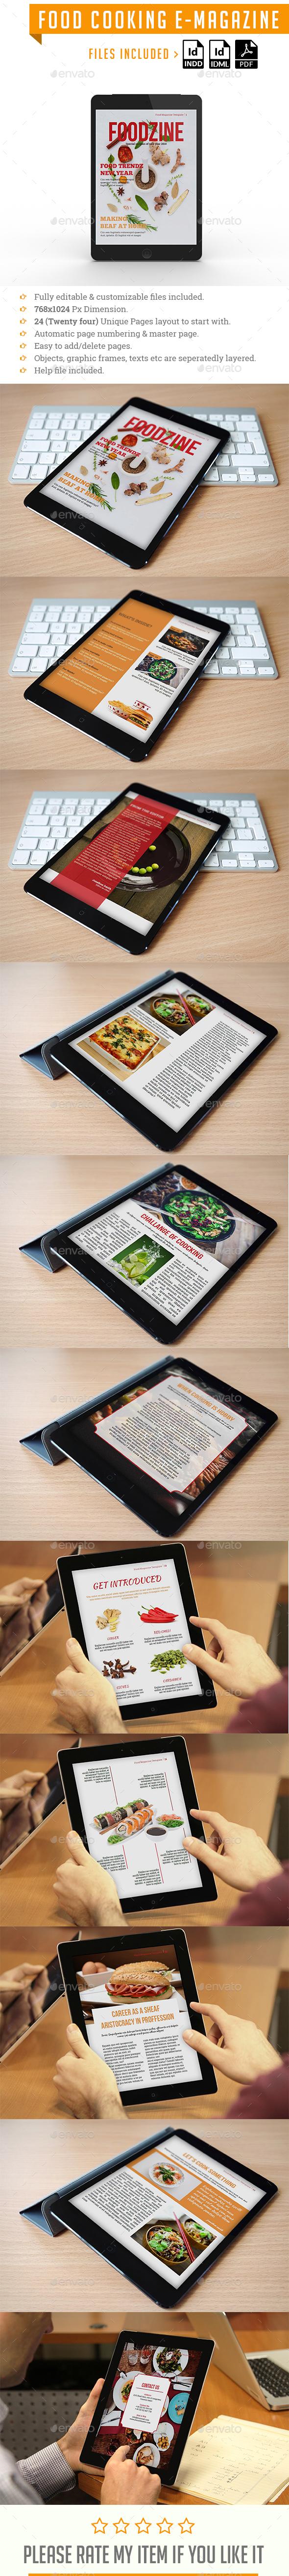 Food E Magazine - ePublishing